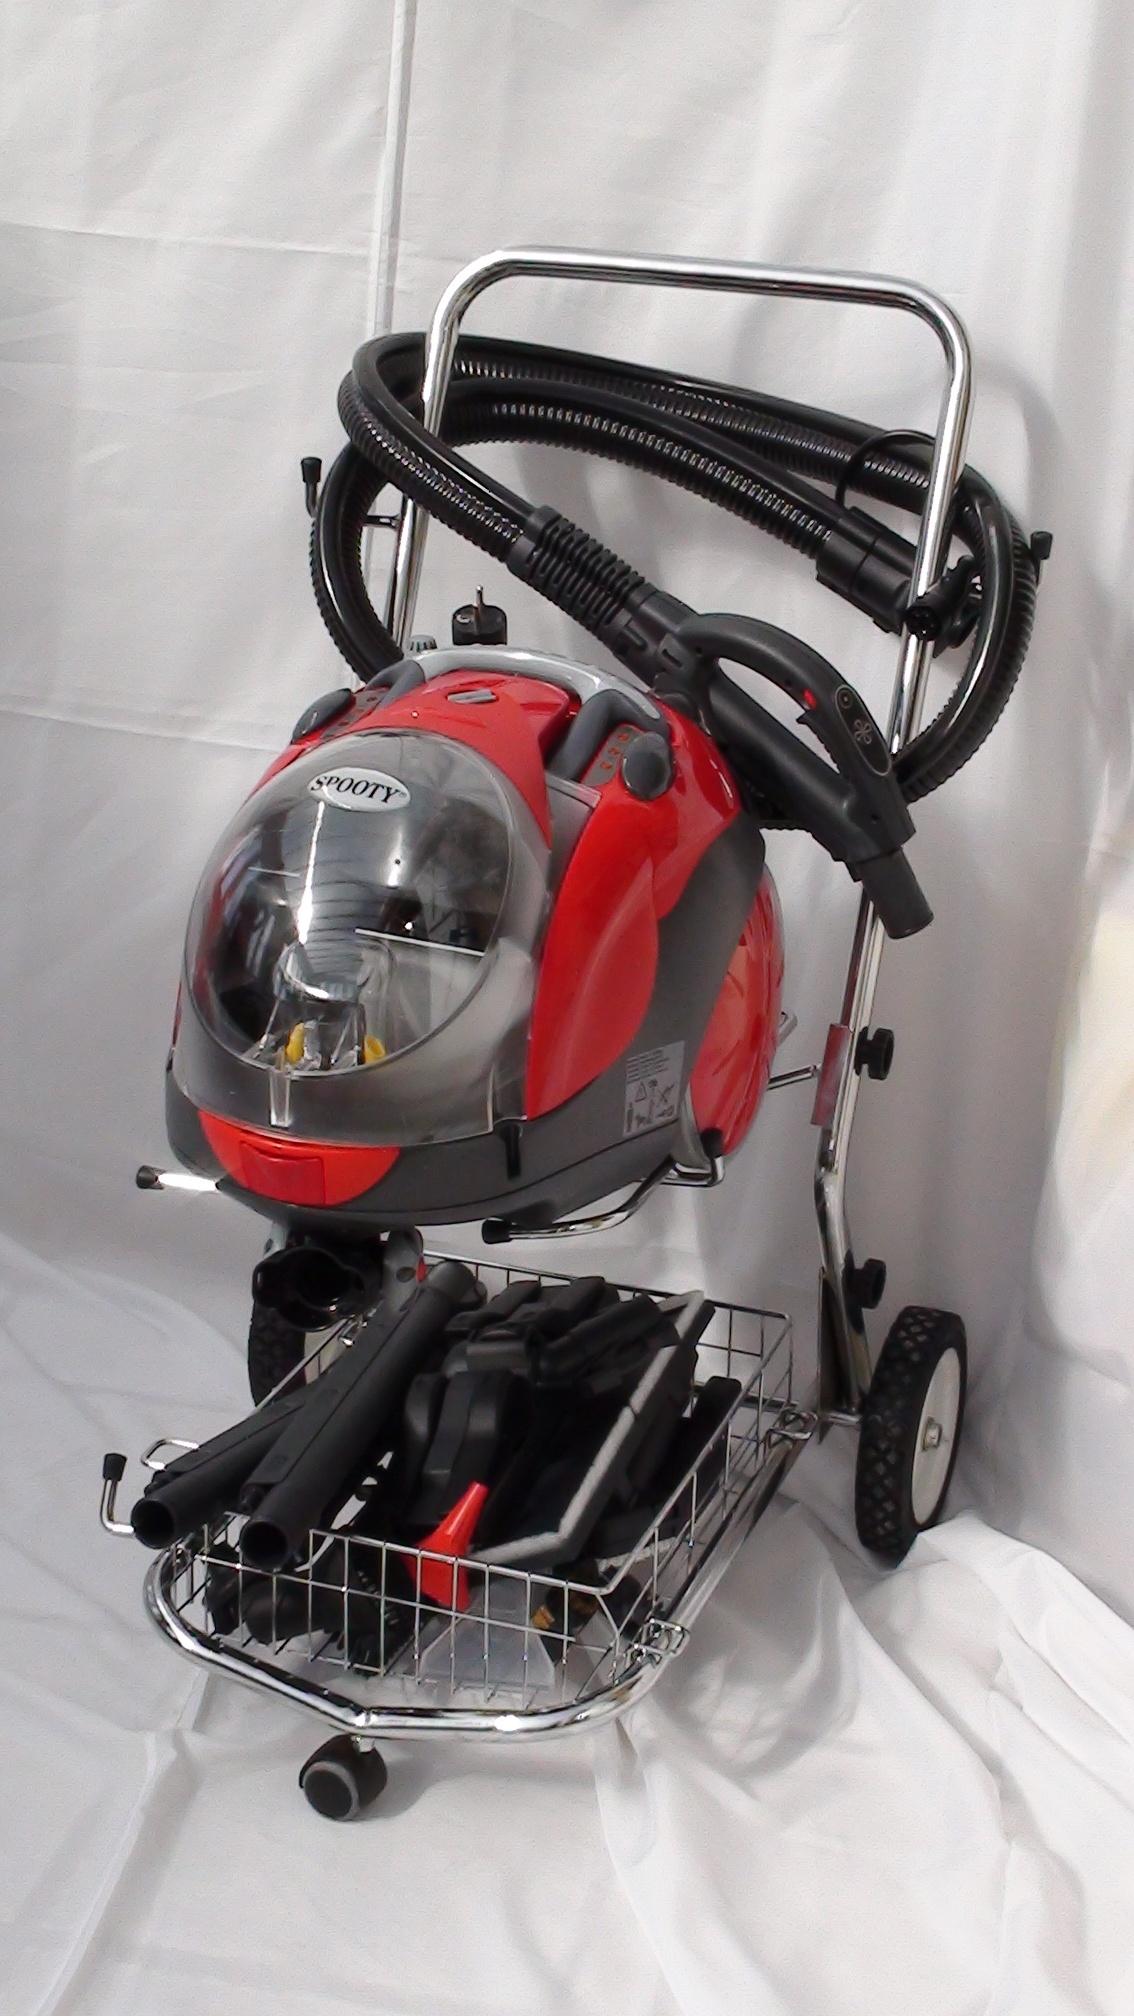 le chariot de rangement avec son panier int gr spooty sw4 aspirateur nettoyeur vapeur spooty. Black Bedroom Furniture Sets. Home Design Ideas